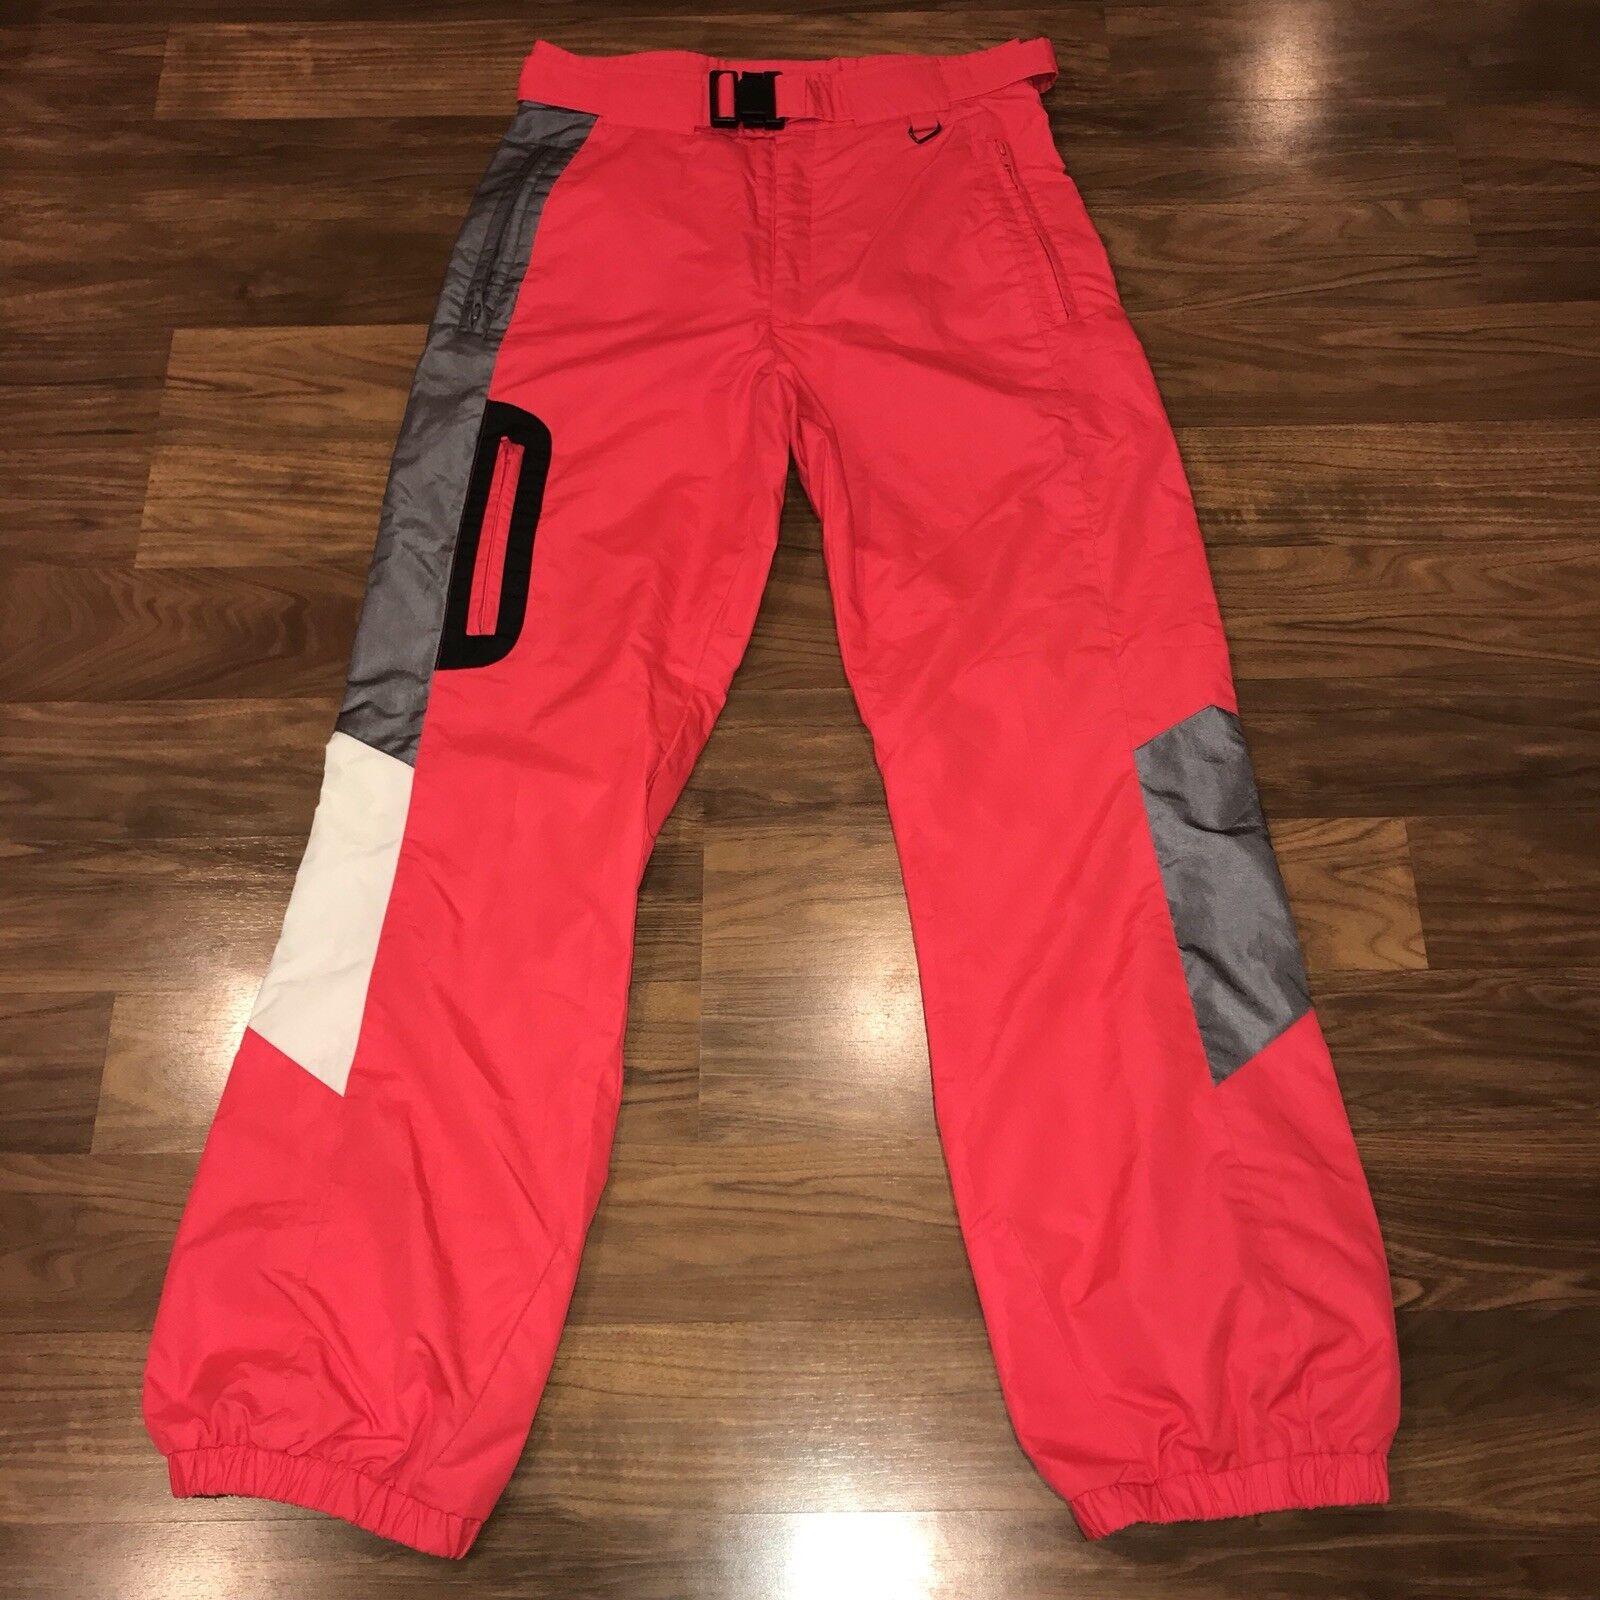 Vtg 80s 90s Infrared Neon  OBERMEYER Ski Pants Mens MEDIUM Snow bib suit Gaper M  outlet factory shop